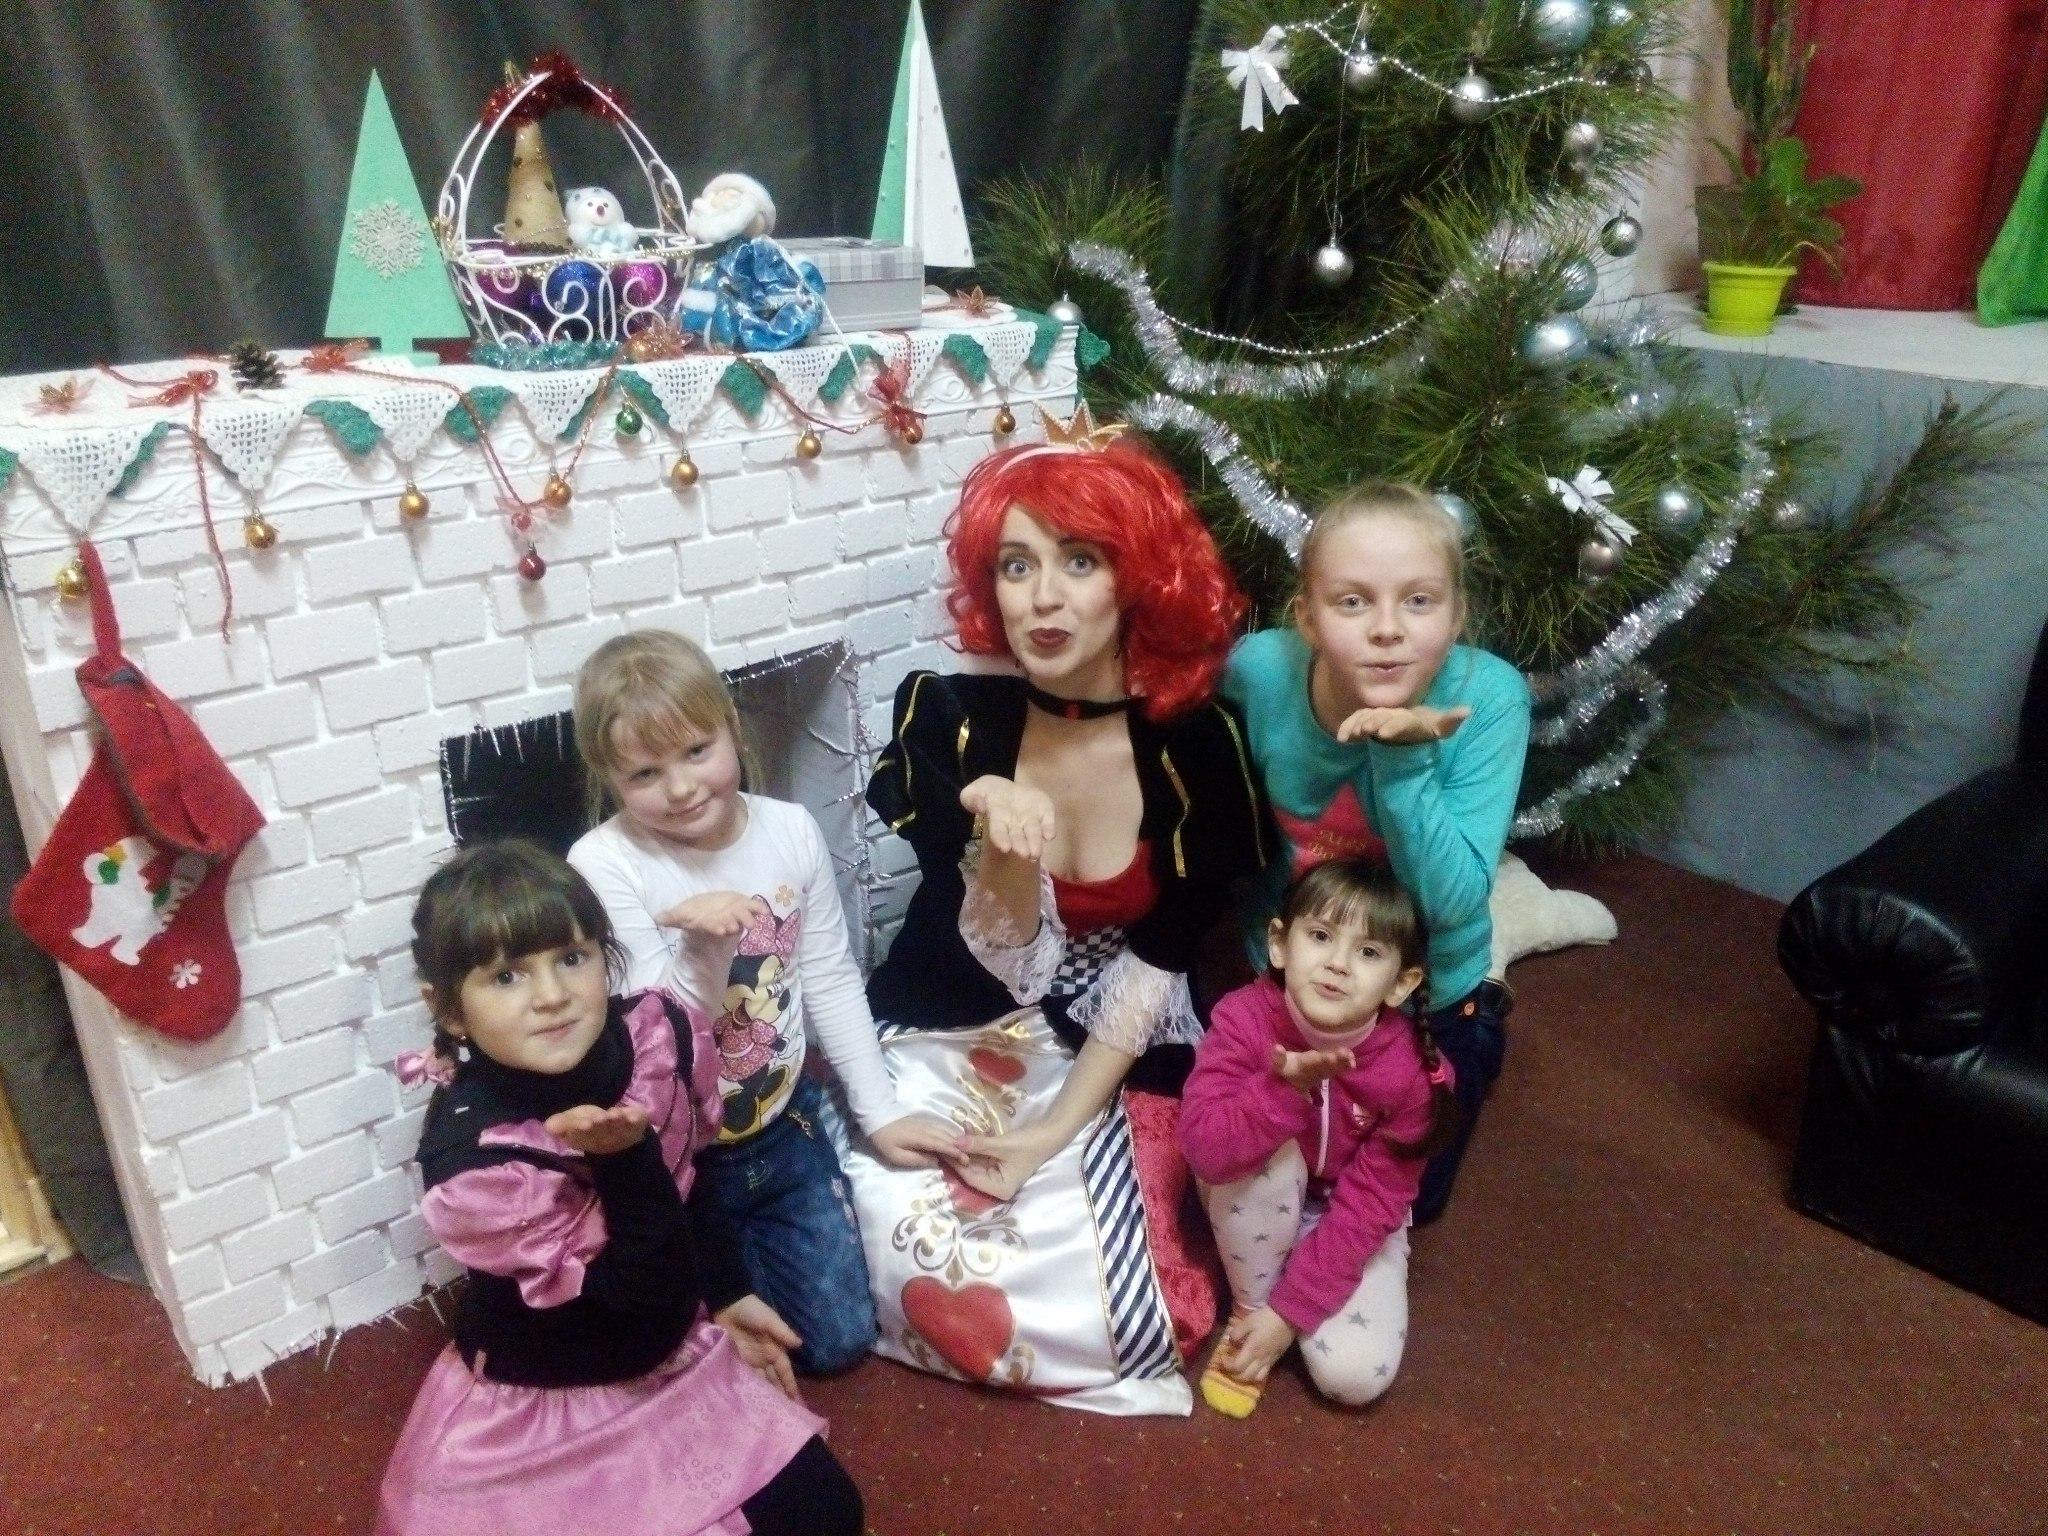 красная королева королева червей детский день рождения в стиле Алиса в стране чудес запорожье